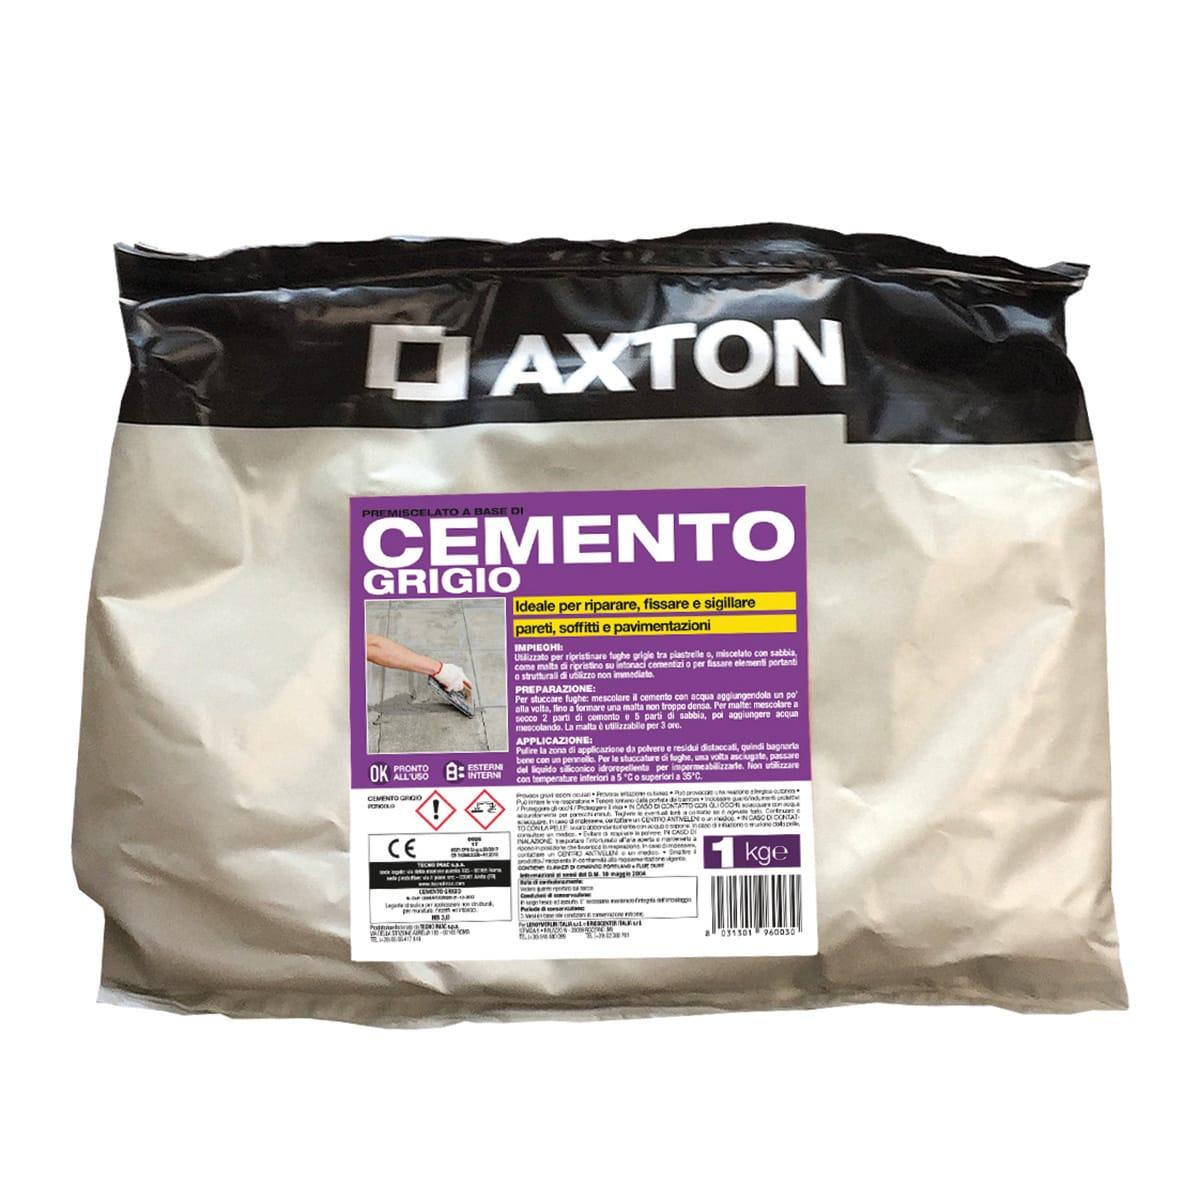 Cemento Premiscelato Per Top Cucina cemento axton grigio 1 kg